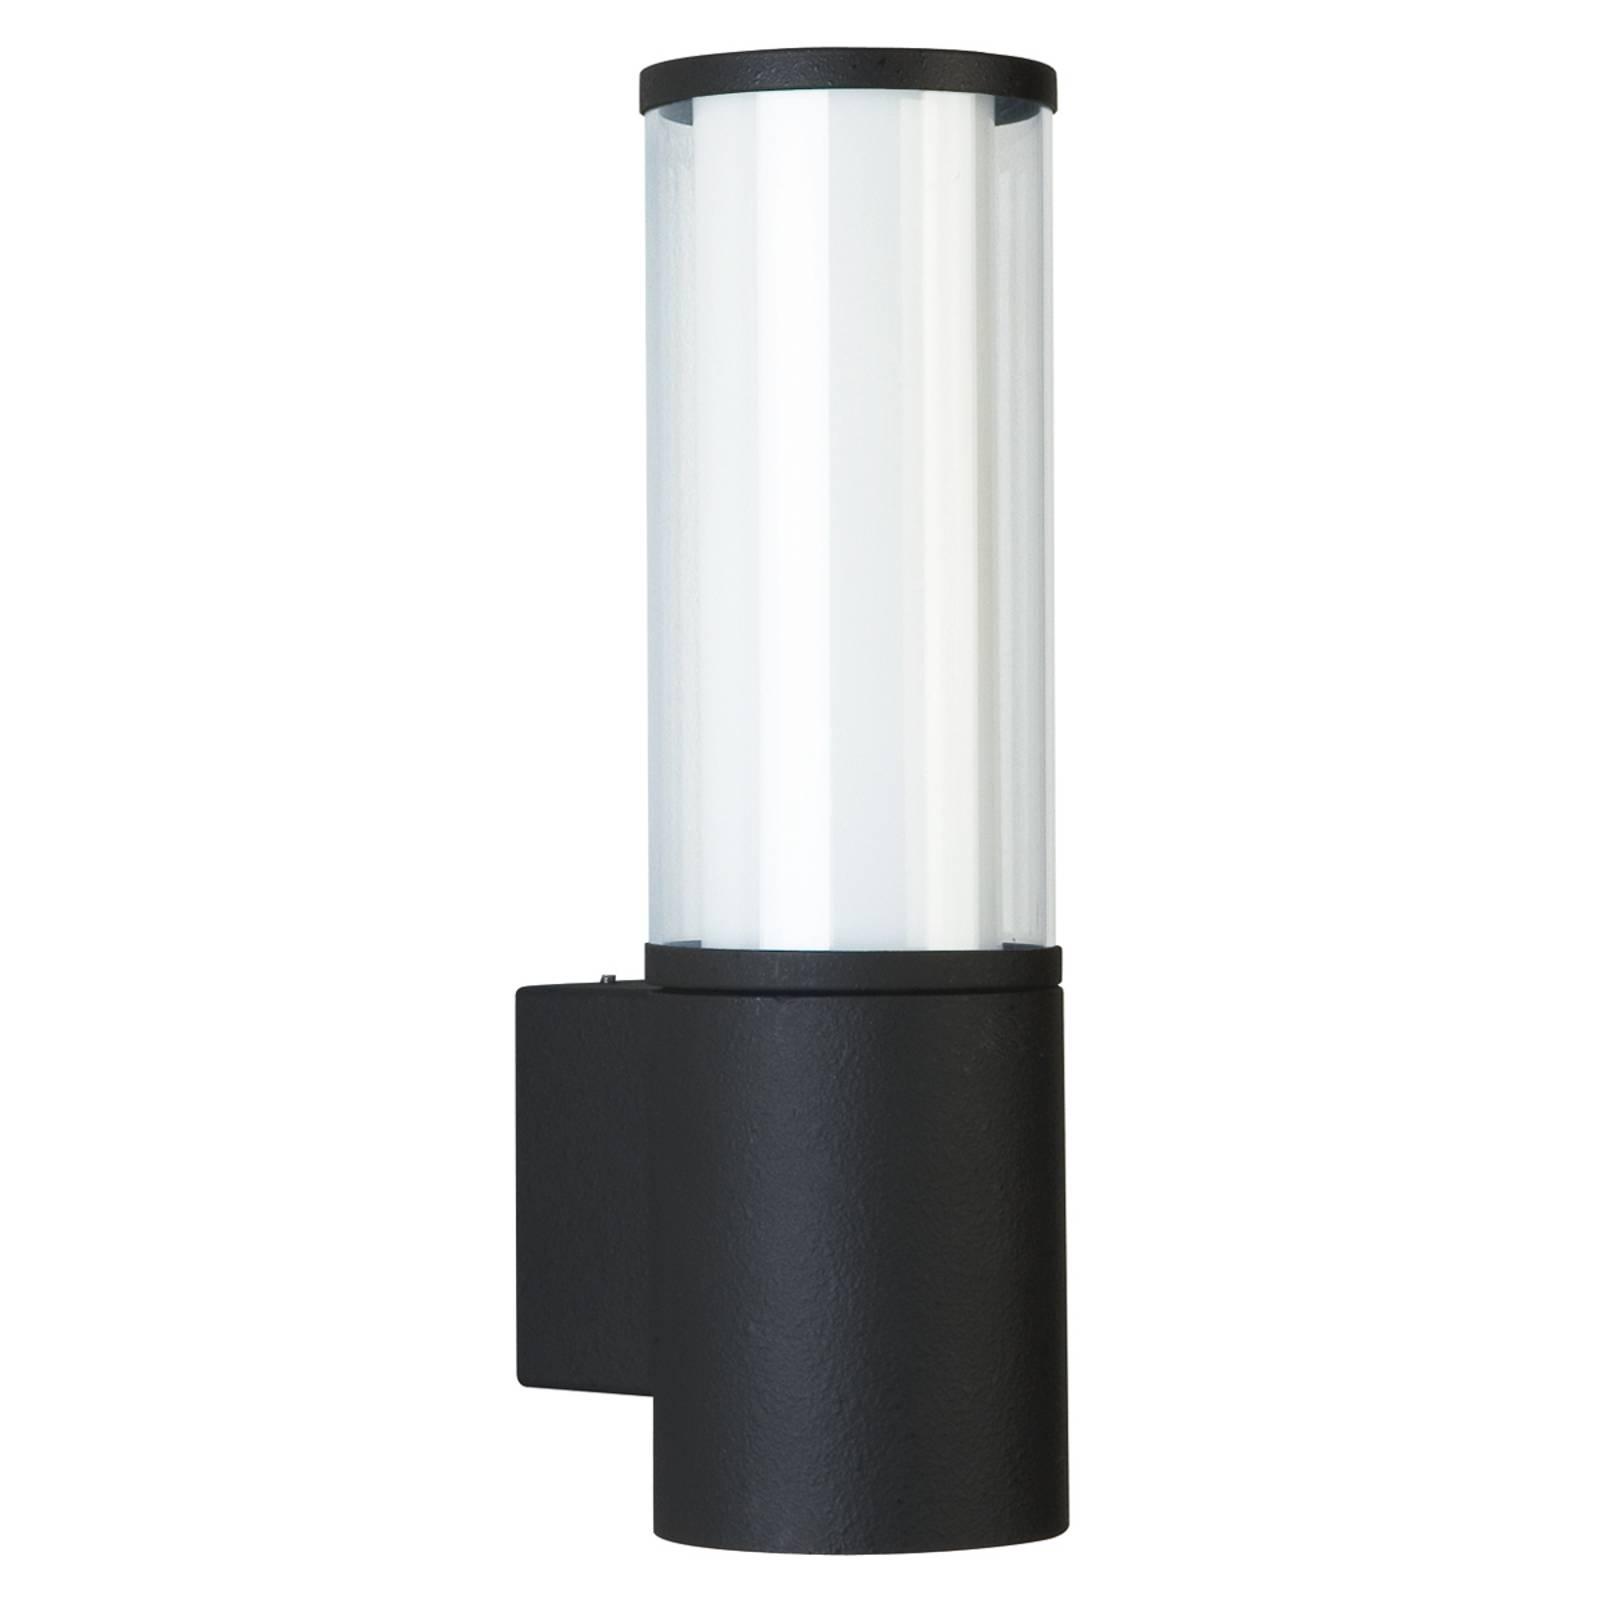 Nowoczesna zewnętrzna lampa ścienna Giulia czarna